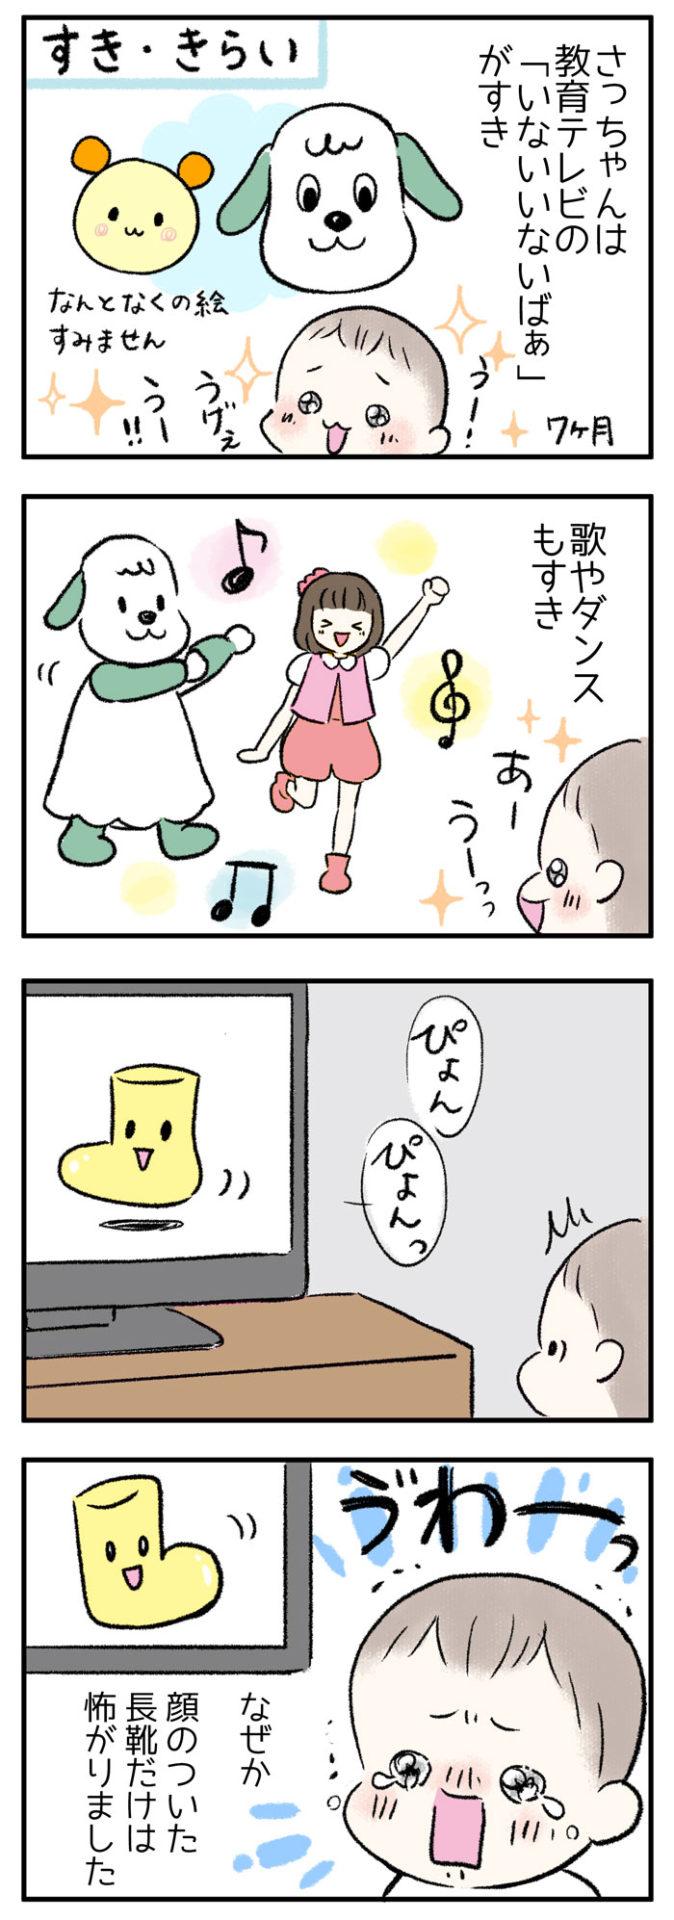 いないいないばあっ!